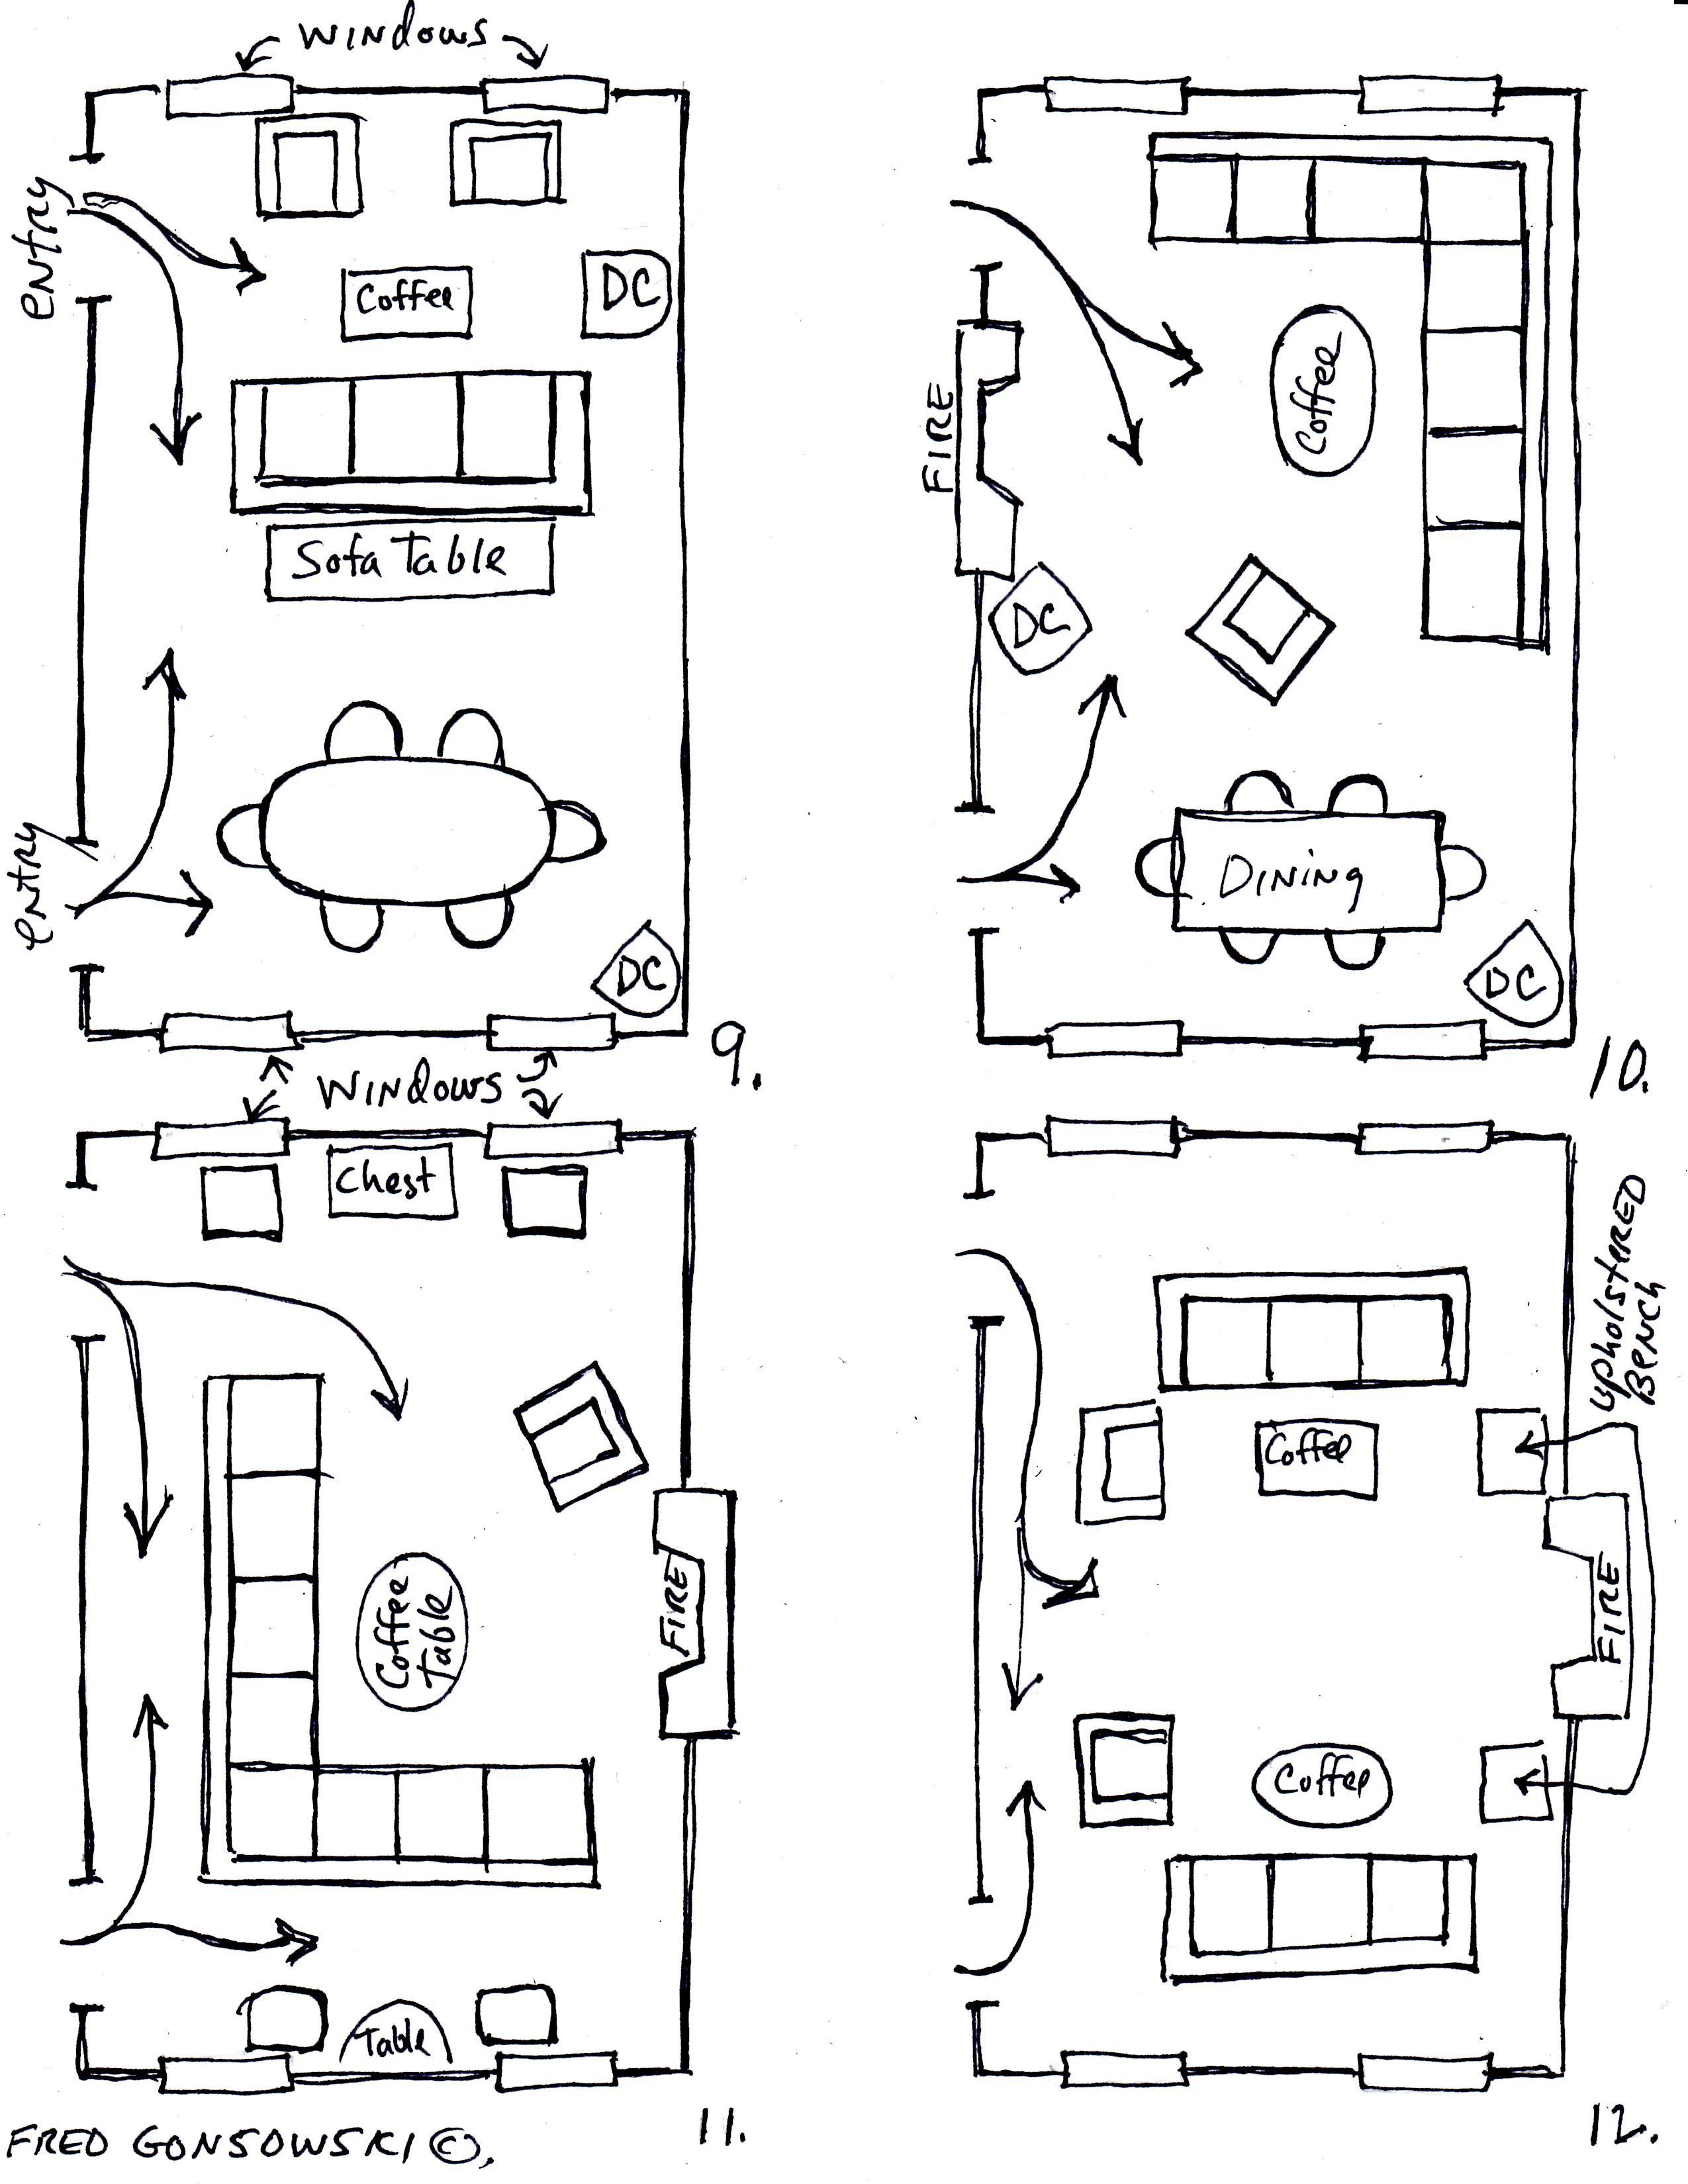 small resolution of furniture setup for rectangular living room bottom left